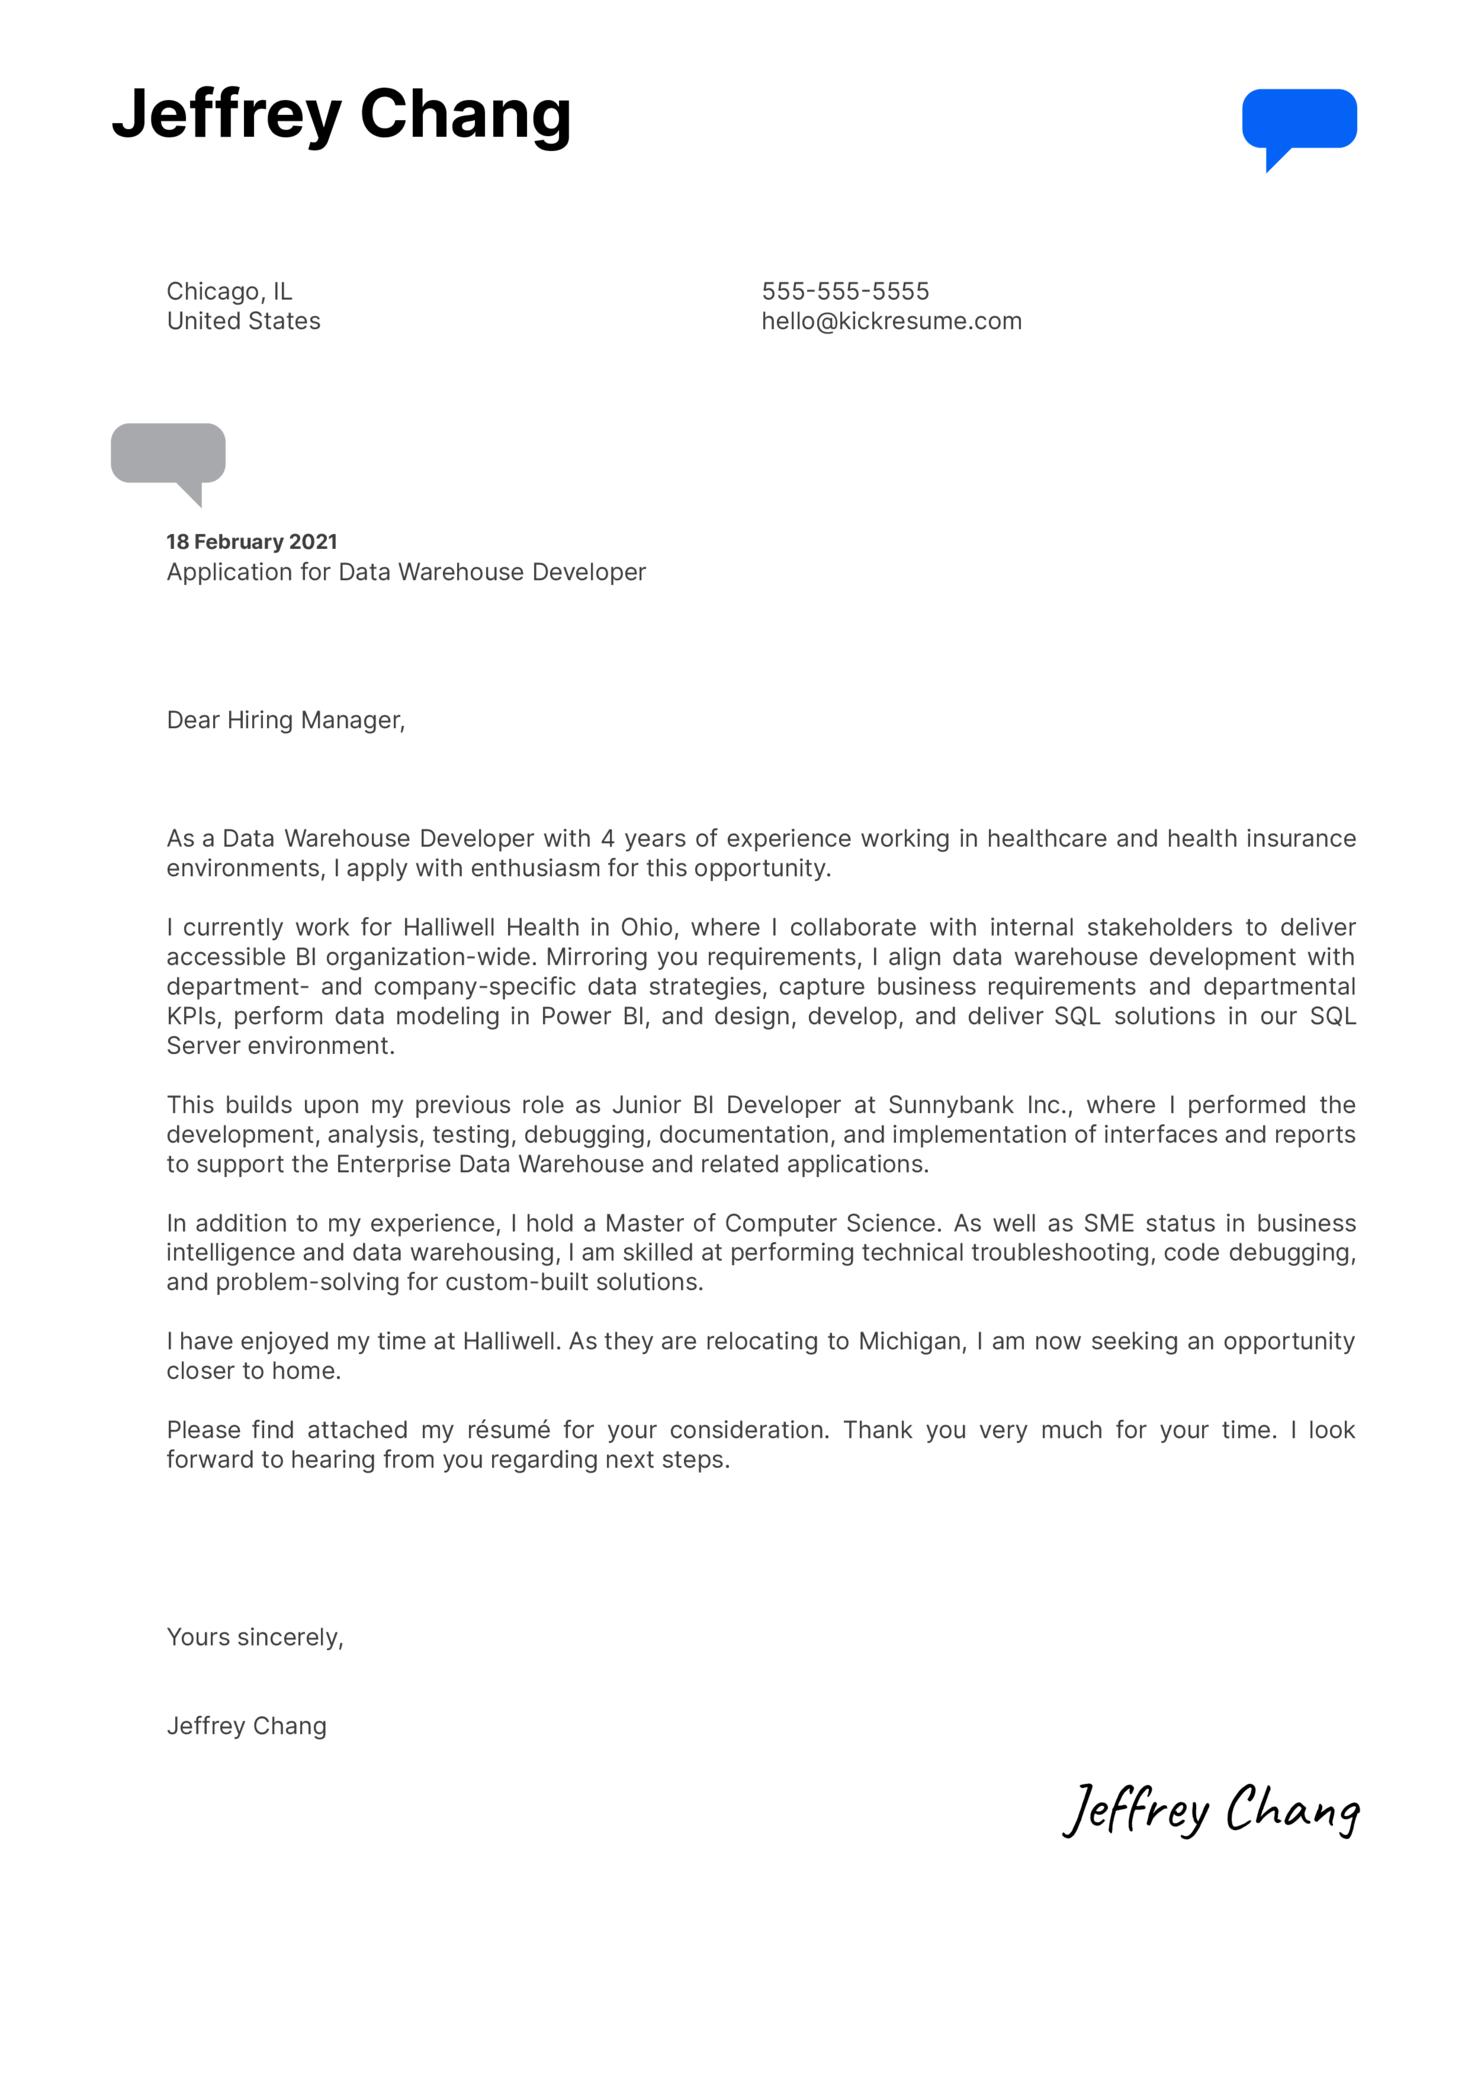 Data Warehouse Developer Cover Letter Example